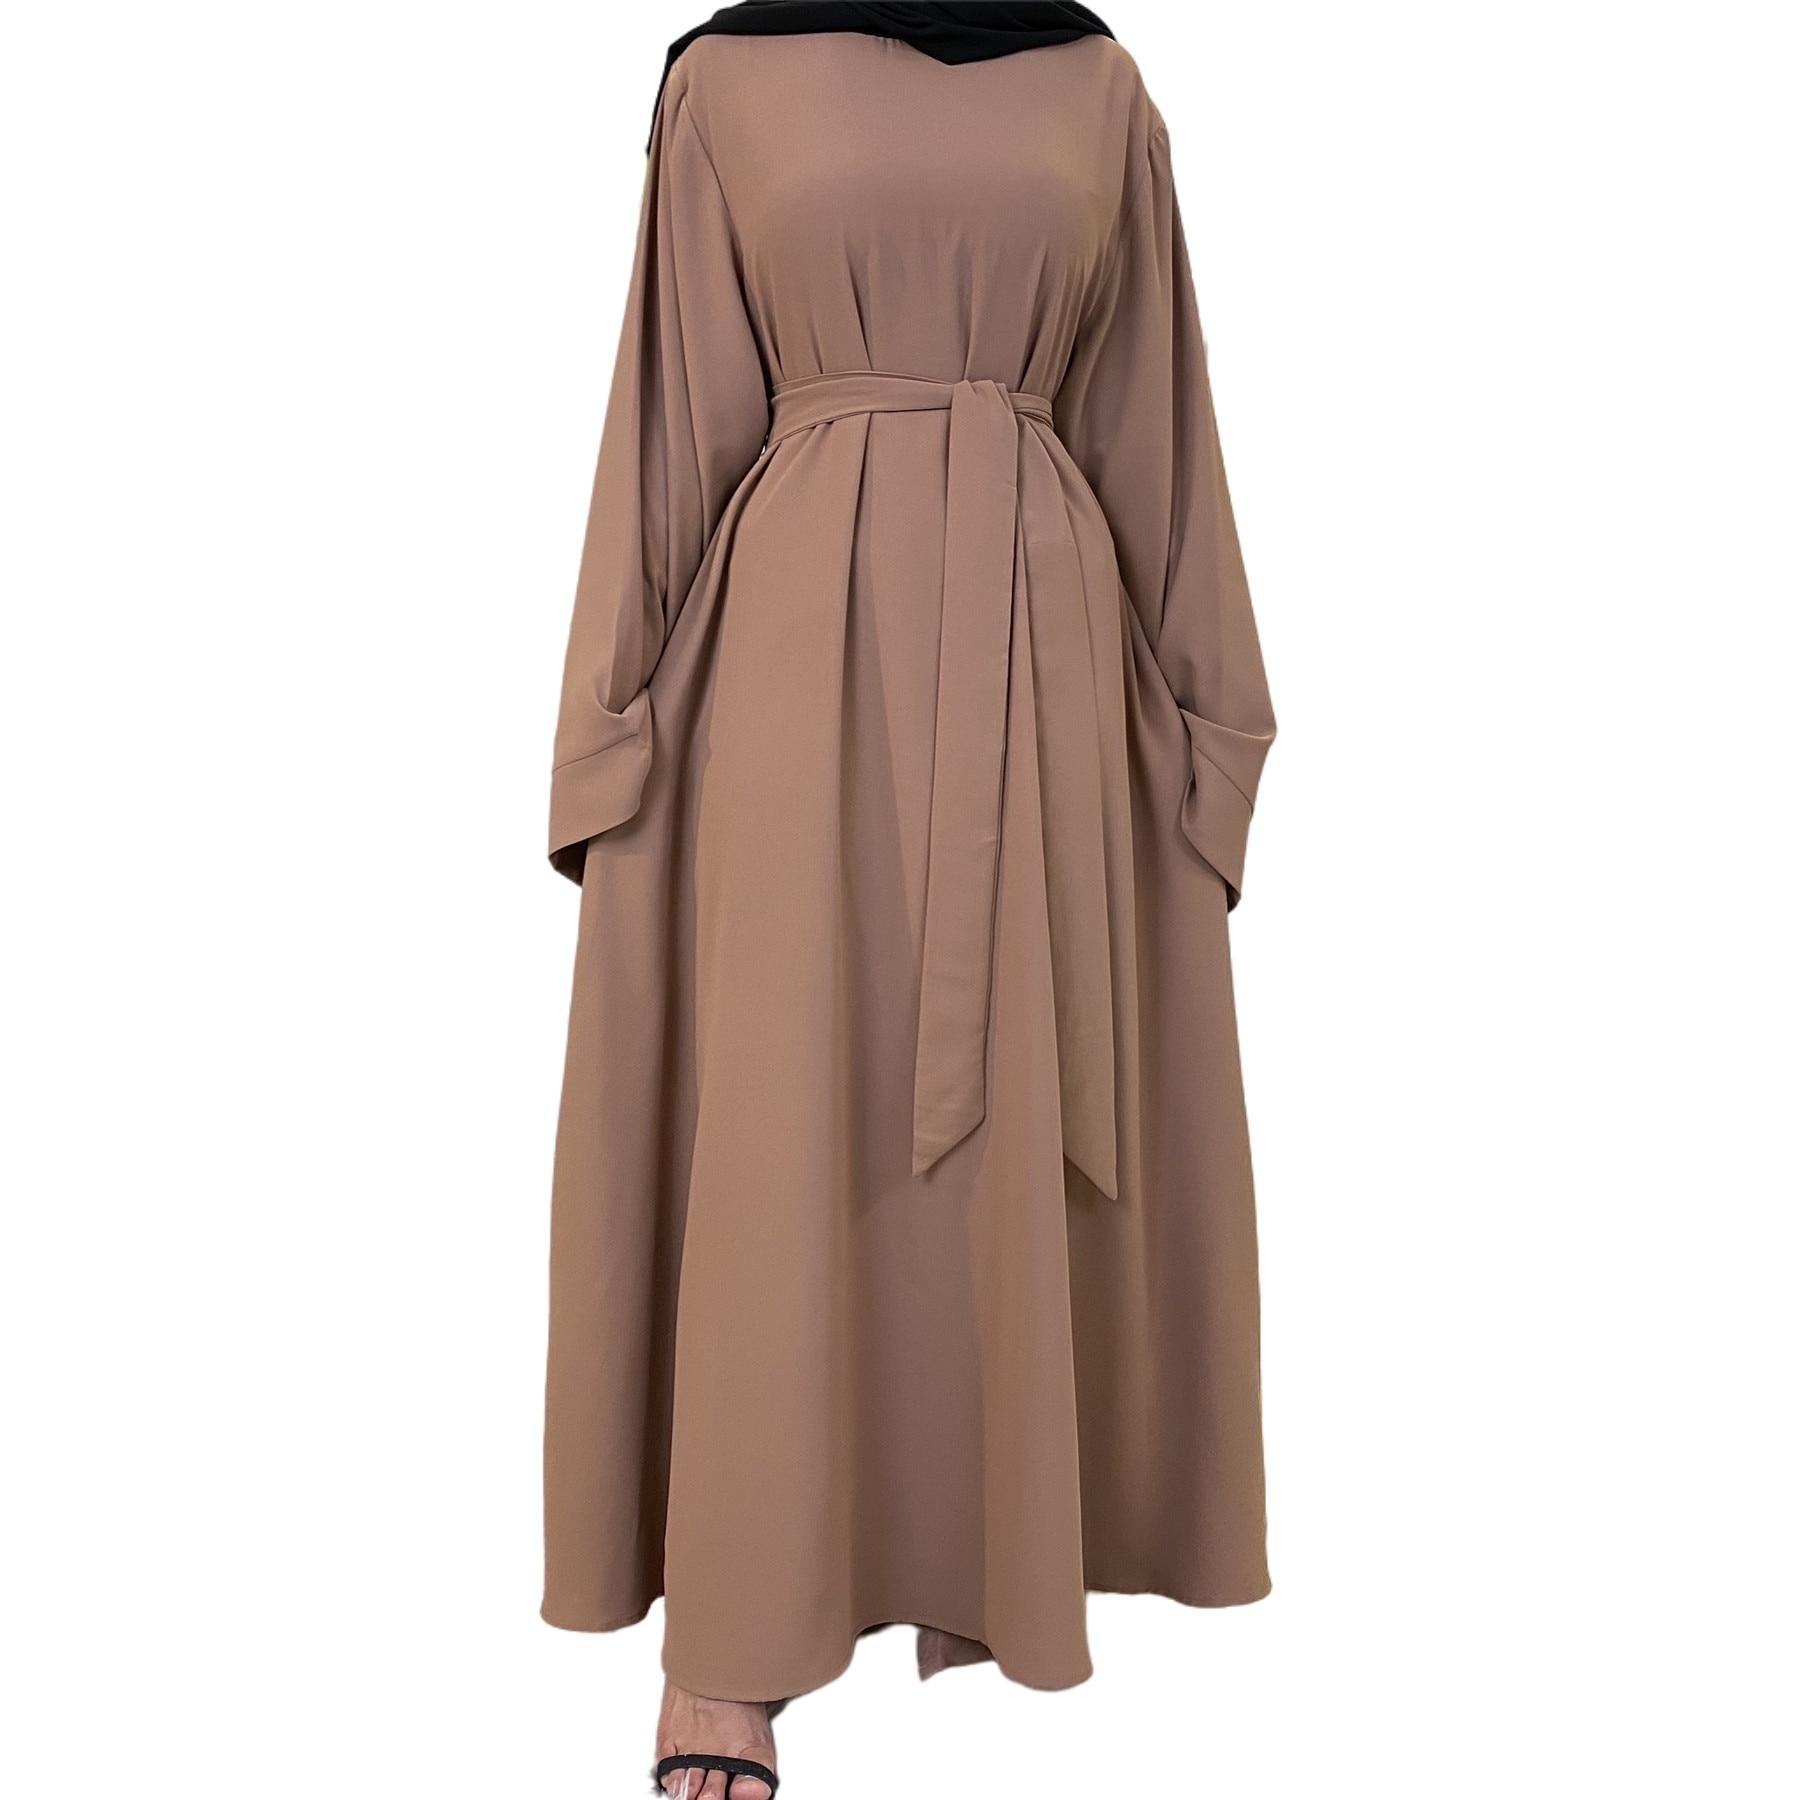 عباية دبي تركيا موضة مسلمة حجاب عباية للنساء لون سادة ملابس إسلامية فساتين إفريقية للنساء Musulman dgellaba